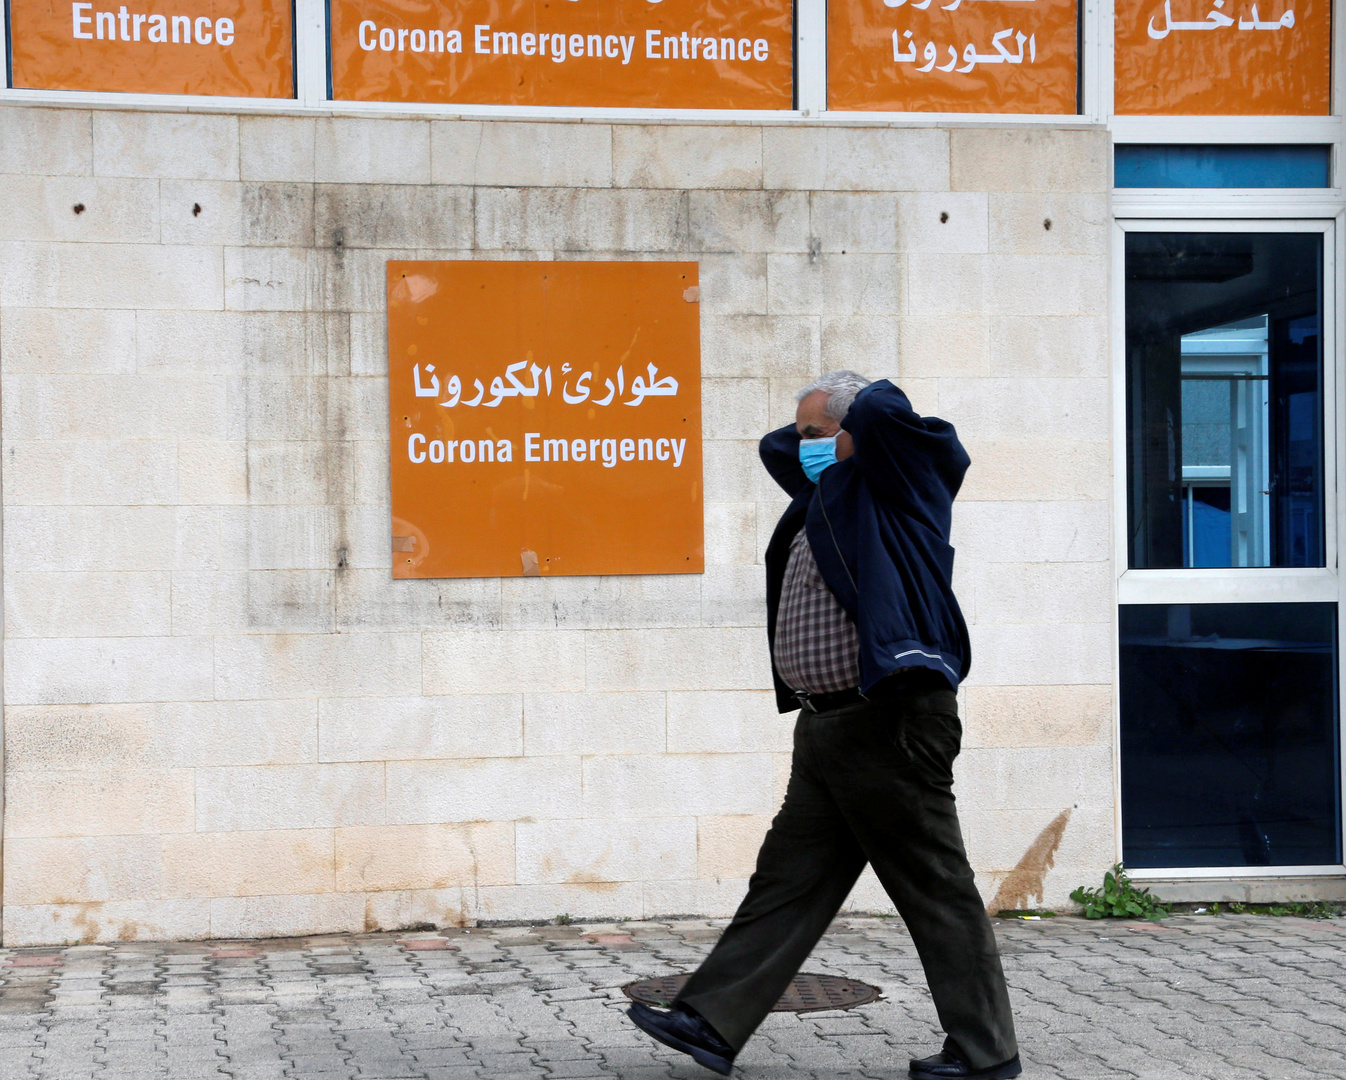 تراجع إصابات كورونا في لبنان والأردن